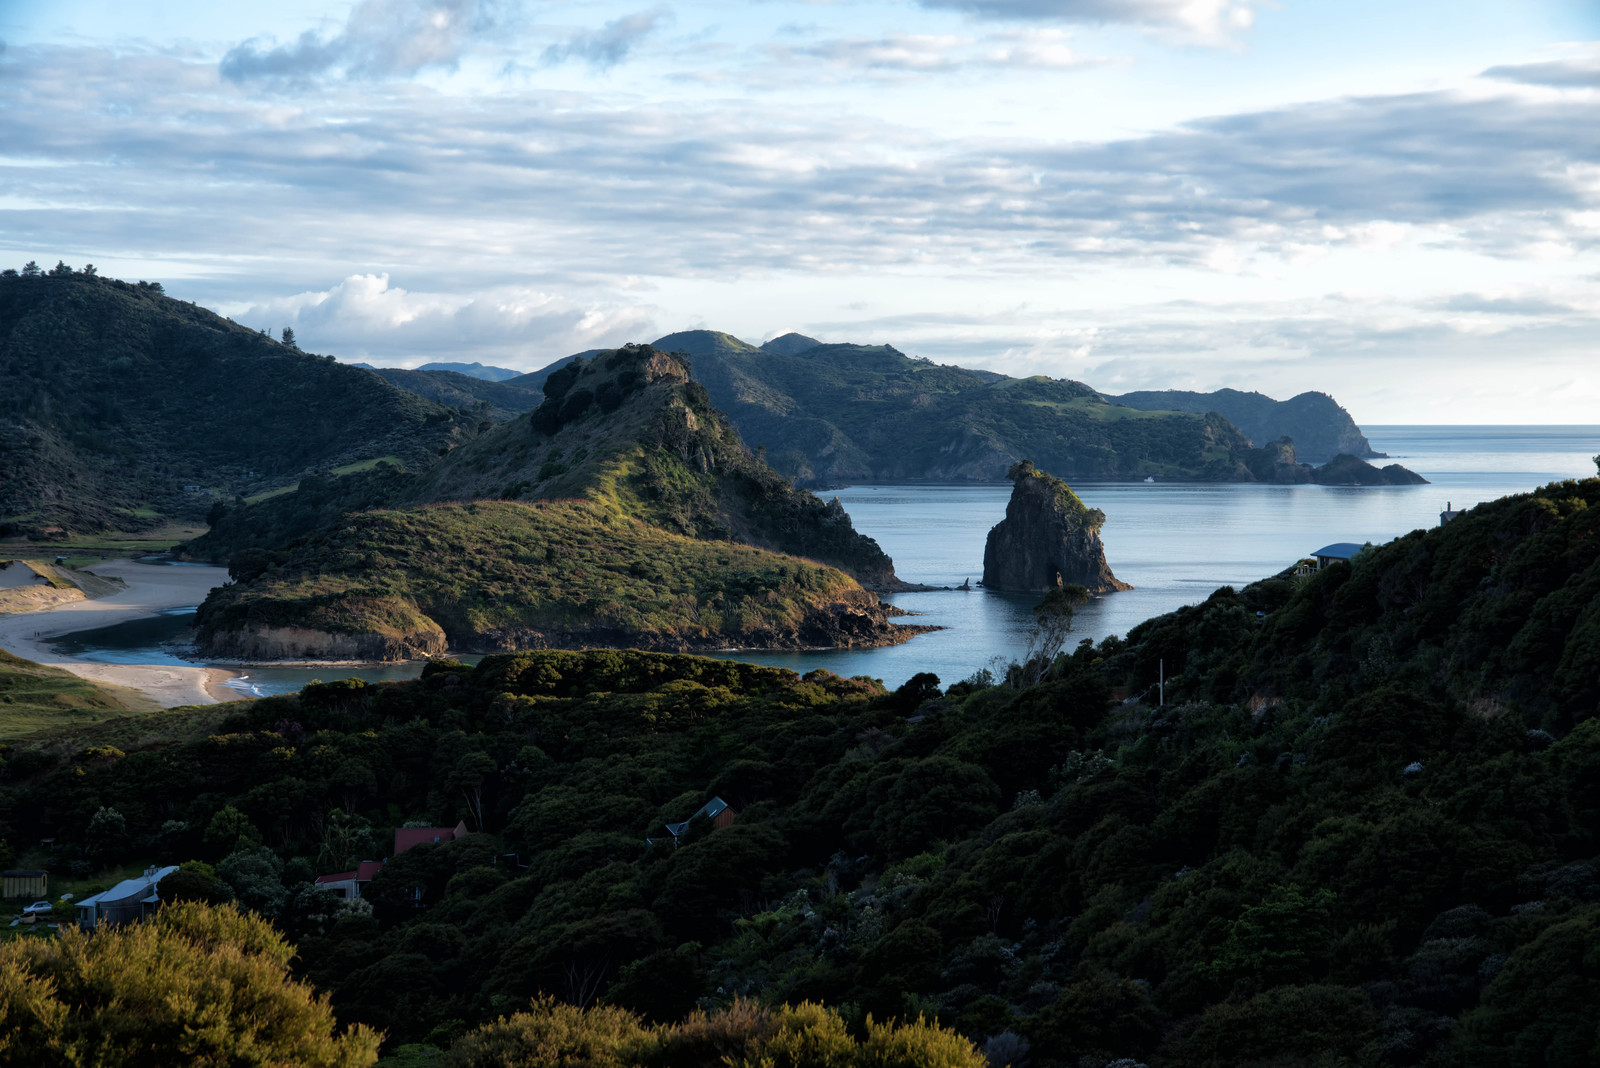 「グレートバリア島の海岸沿いからの眺め(ニュージーランド)」の写真